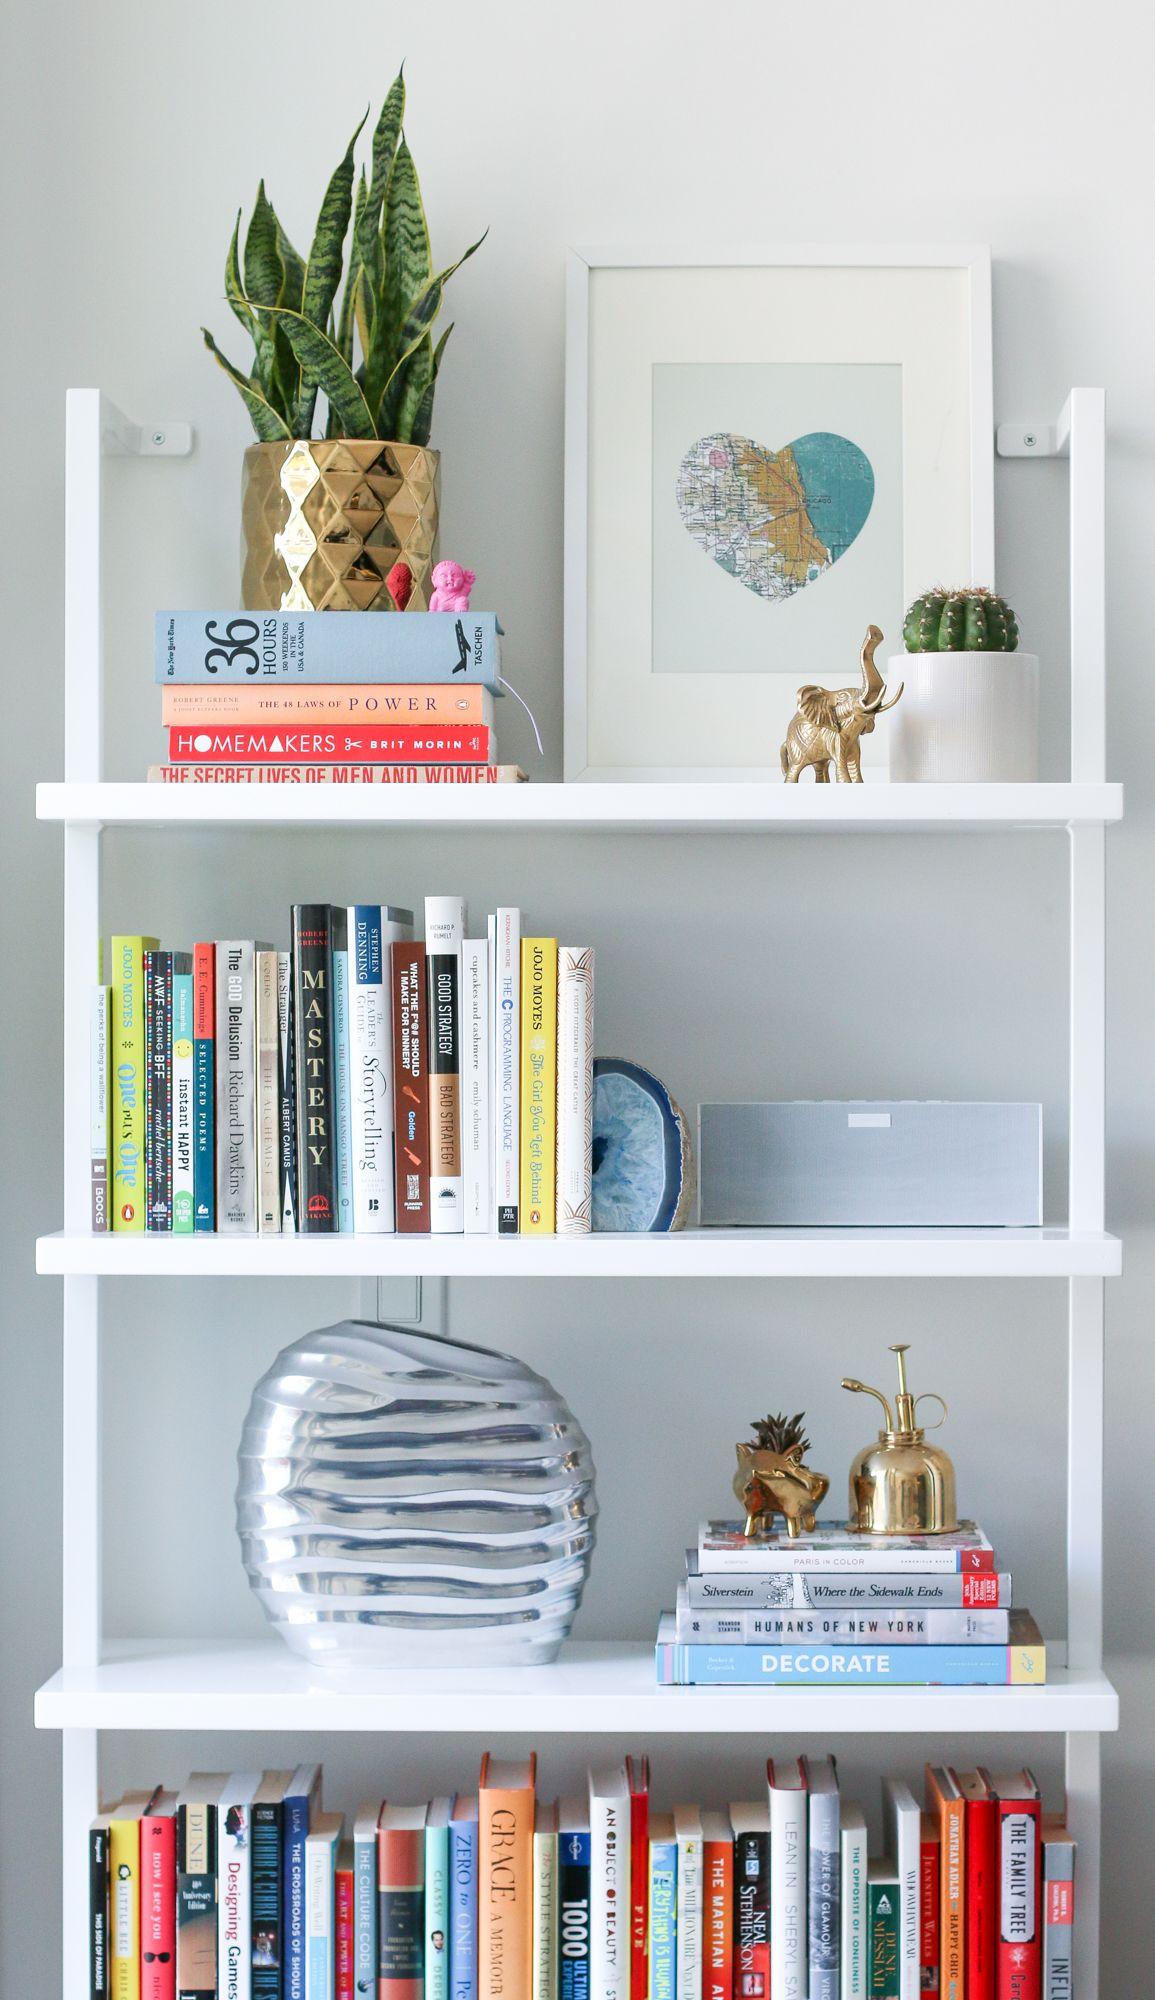 5 tips for styling bookshelves